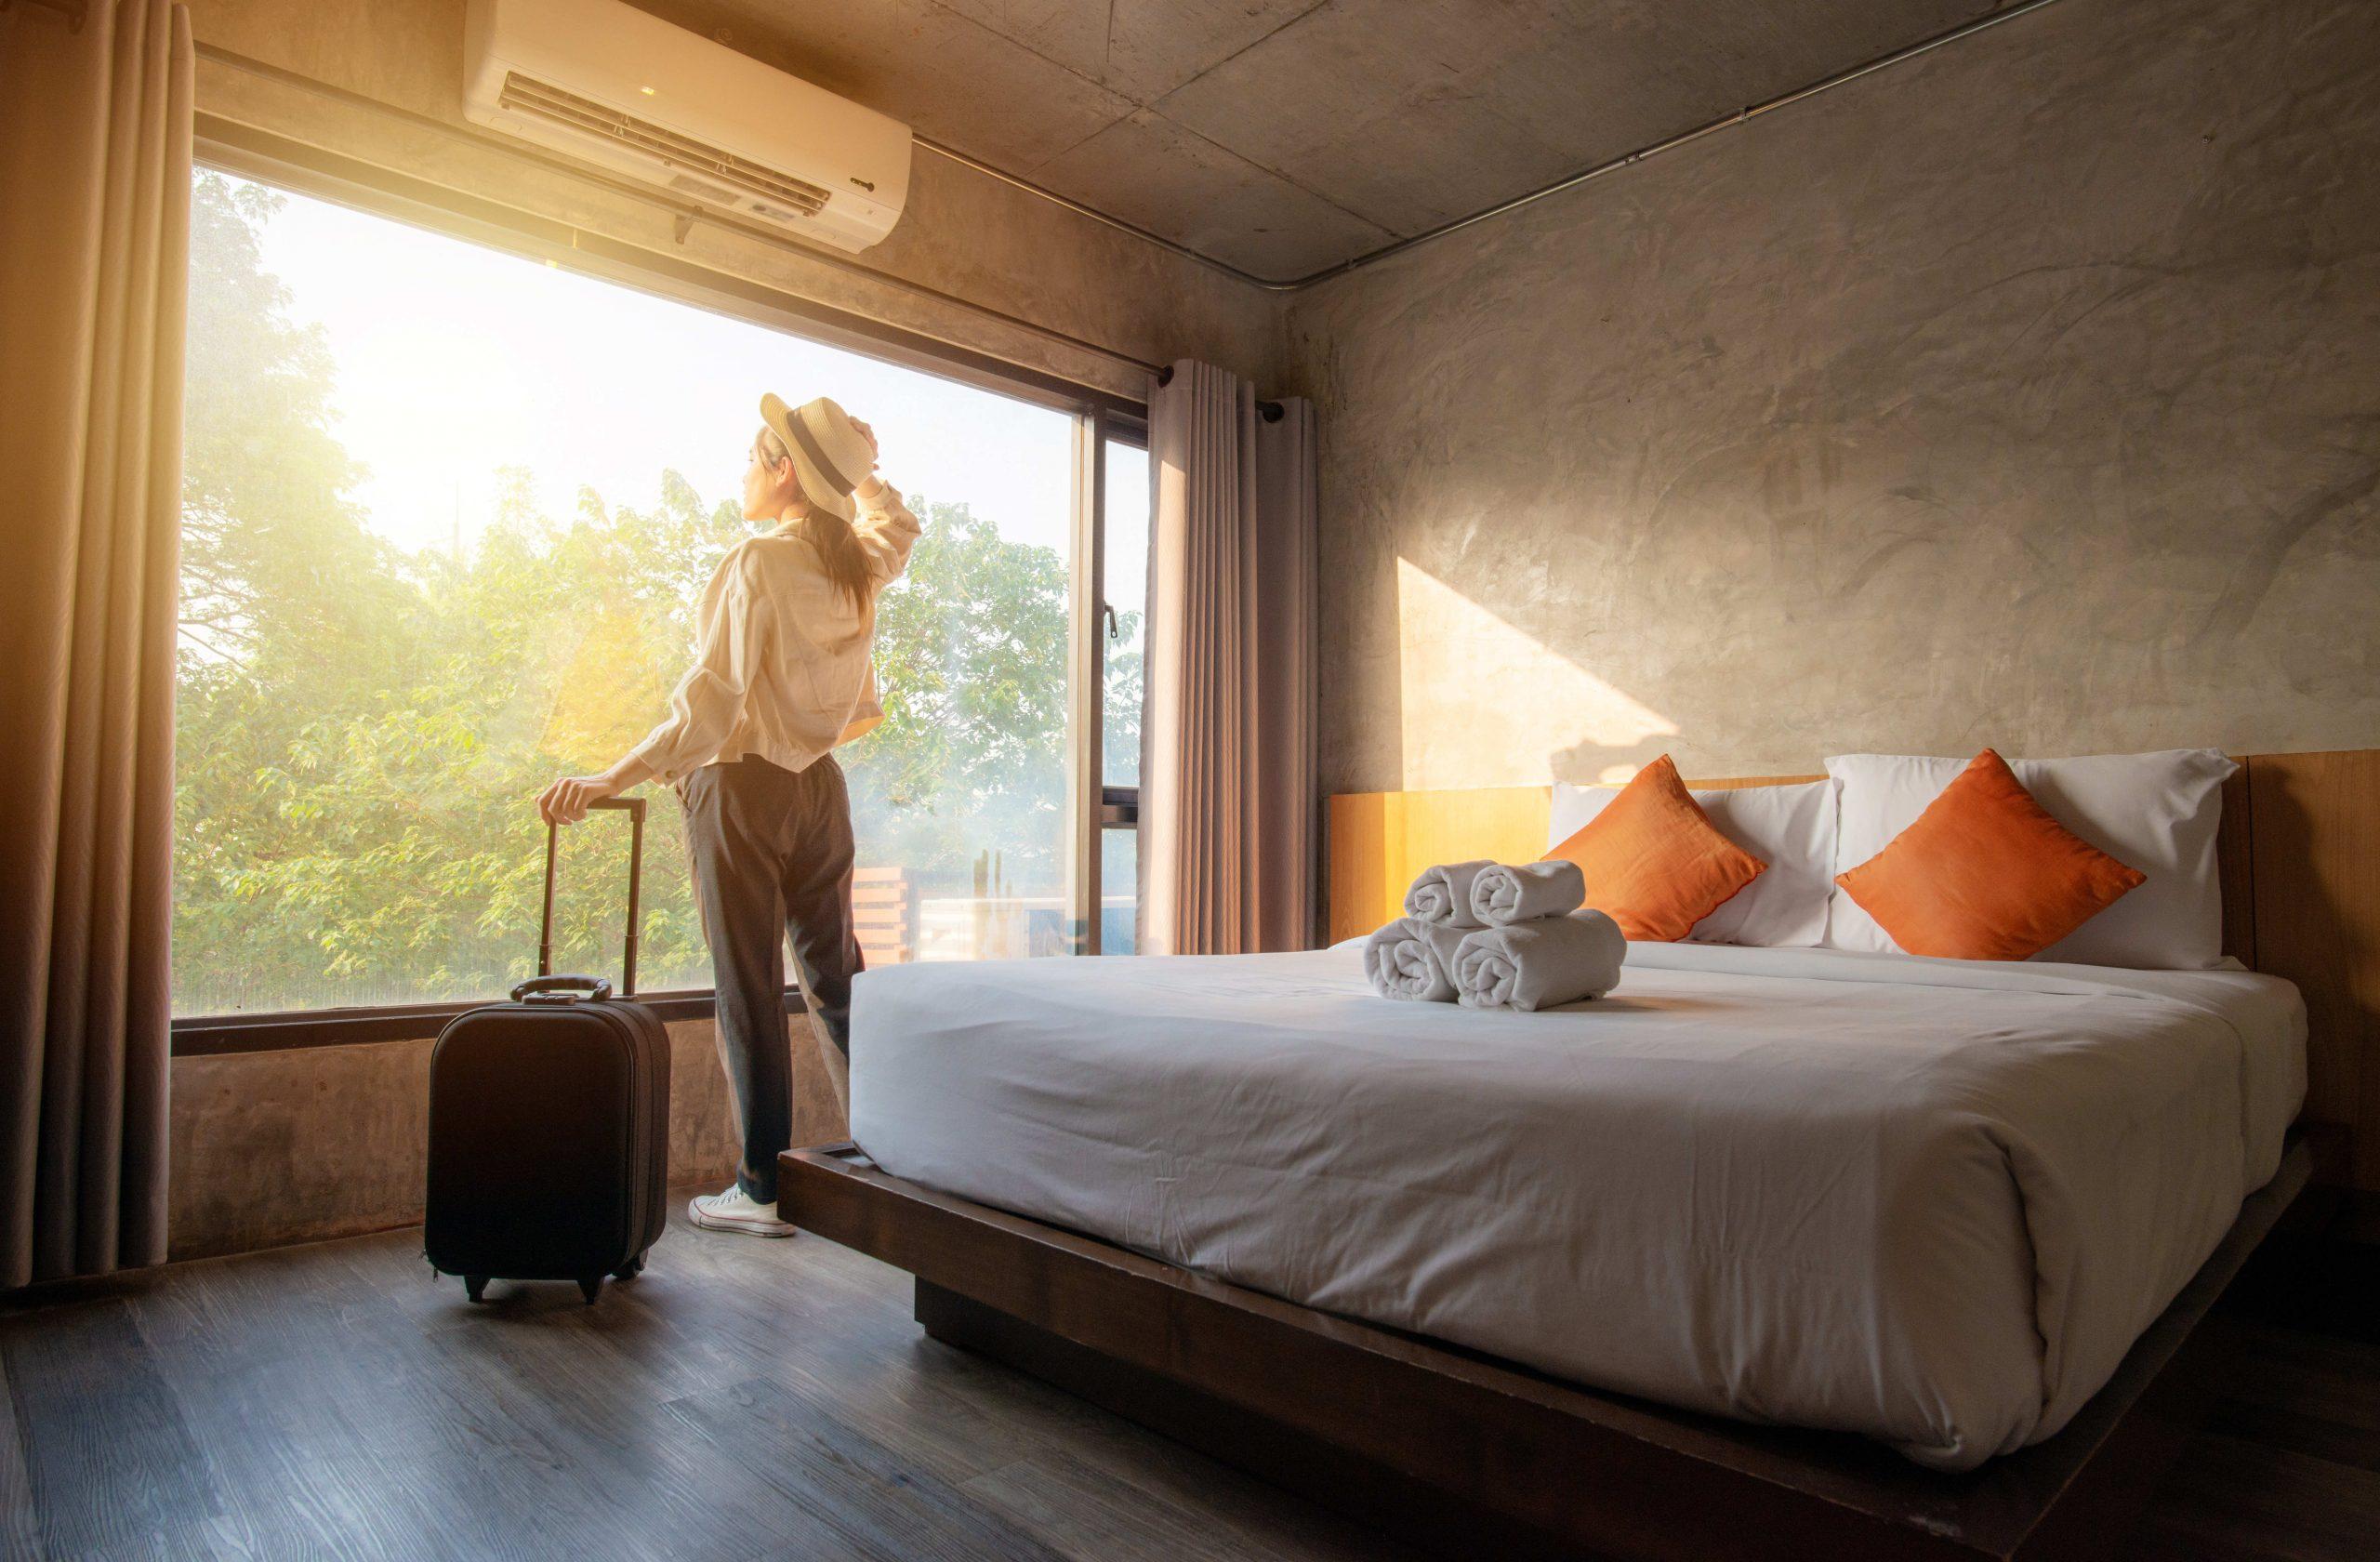 Aparthotel: Una opción de alojamiento poco conocida